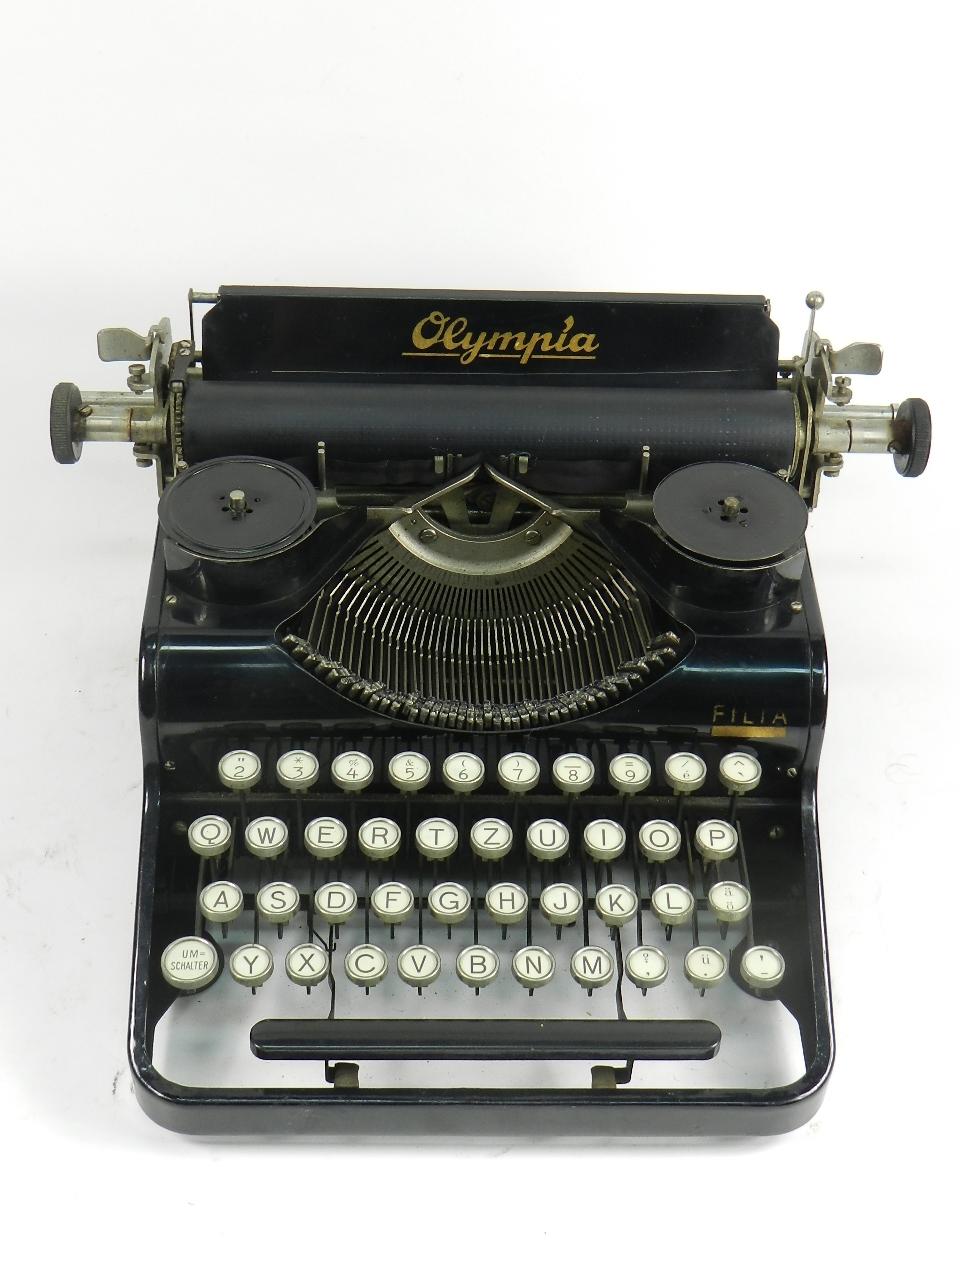 Imagen OLYMPIA FILIA  AÑO 1935 30000